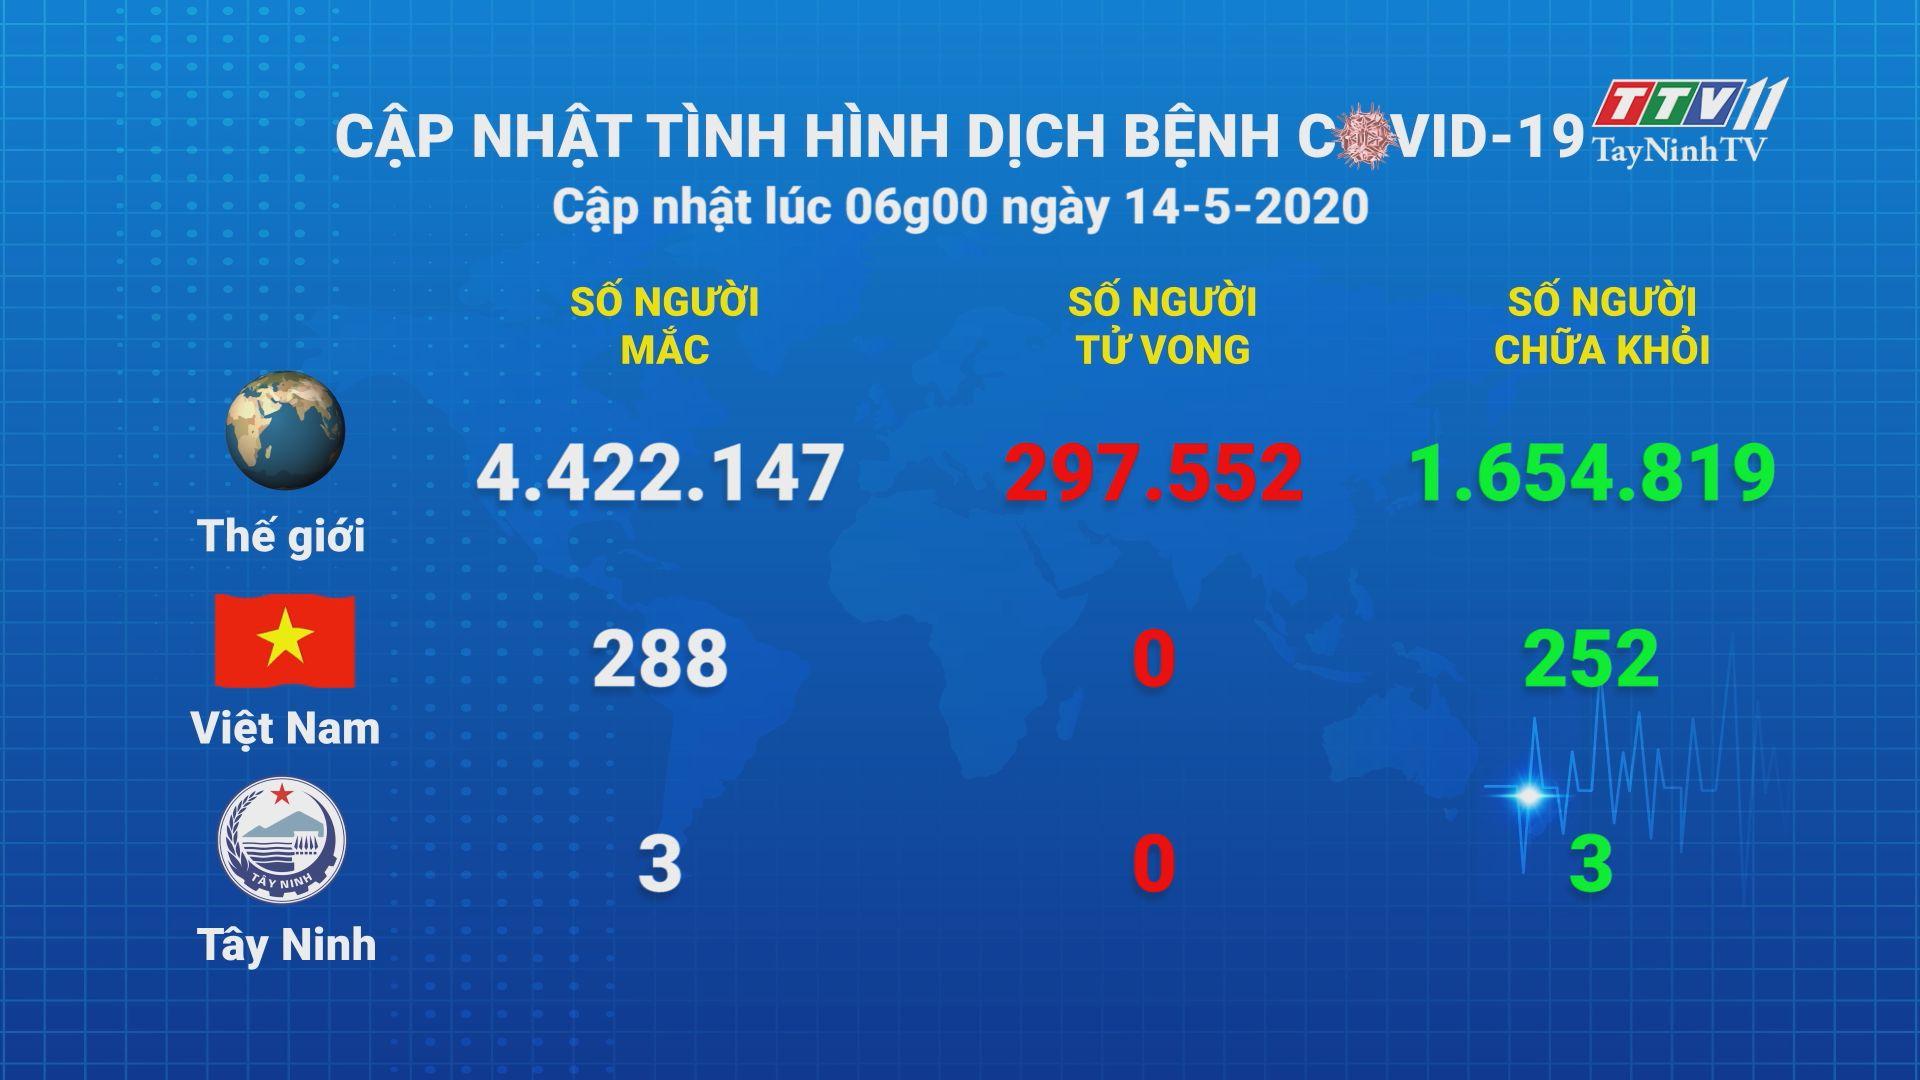 Cập nhật tình hình Covid-19 vào lúc 06 giờ 14-5-2020 | Thông tin dịch Covid-19 | TayNinhTV